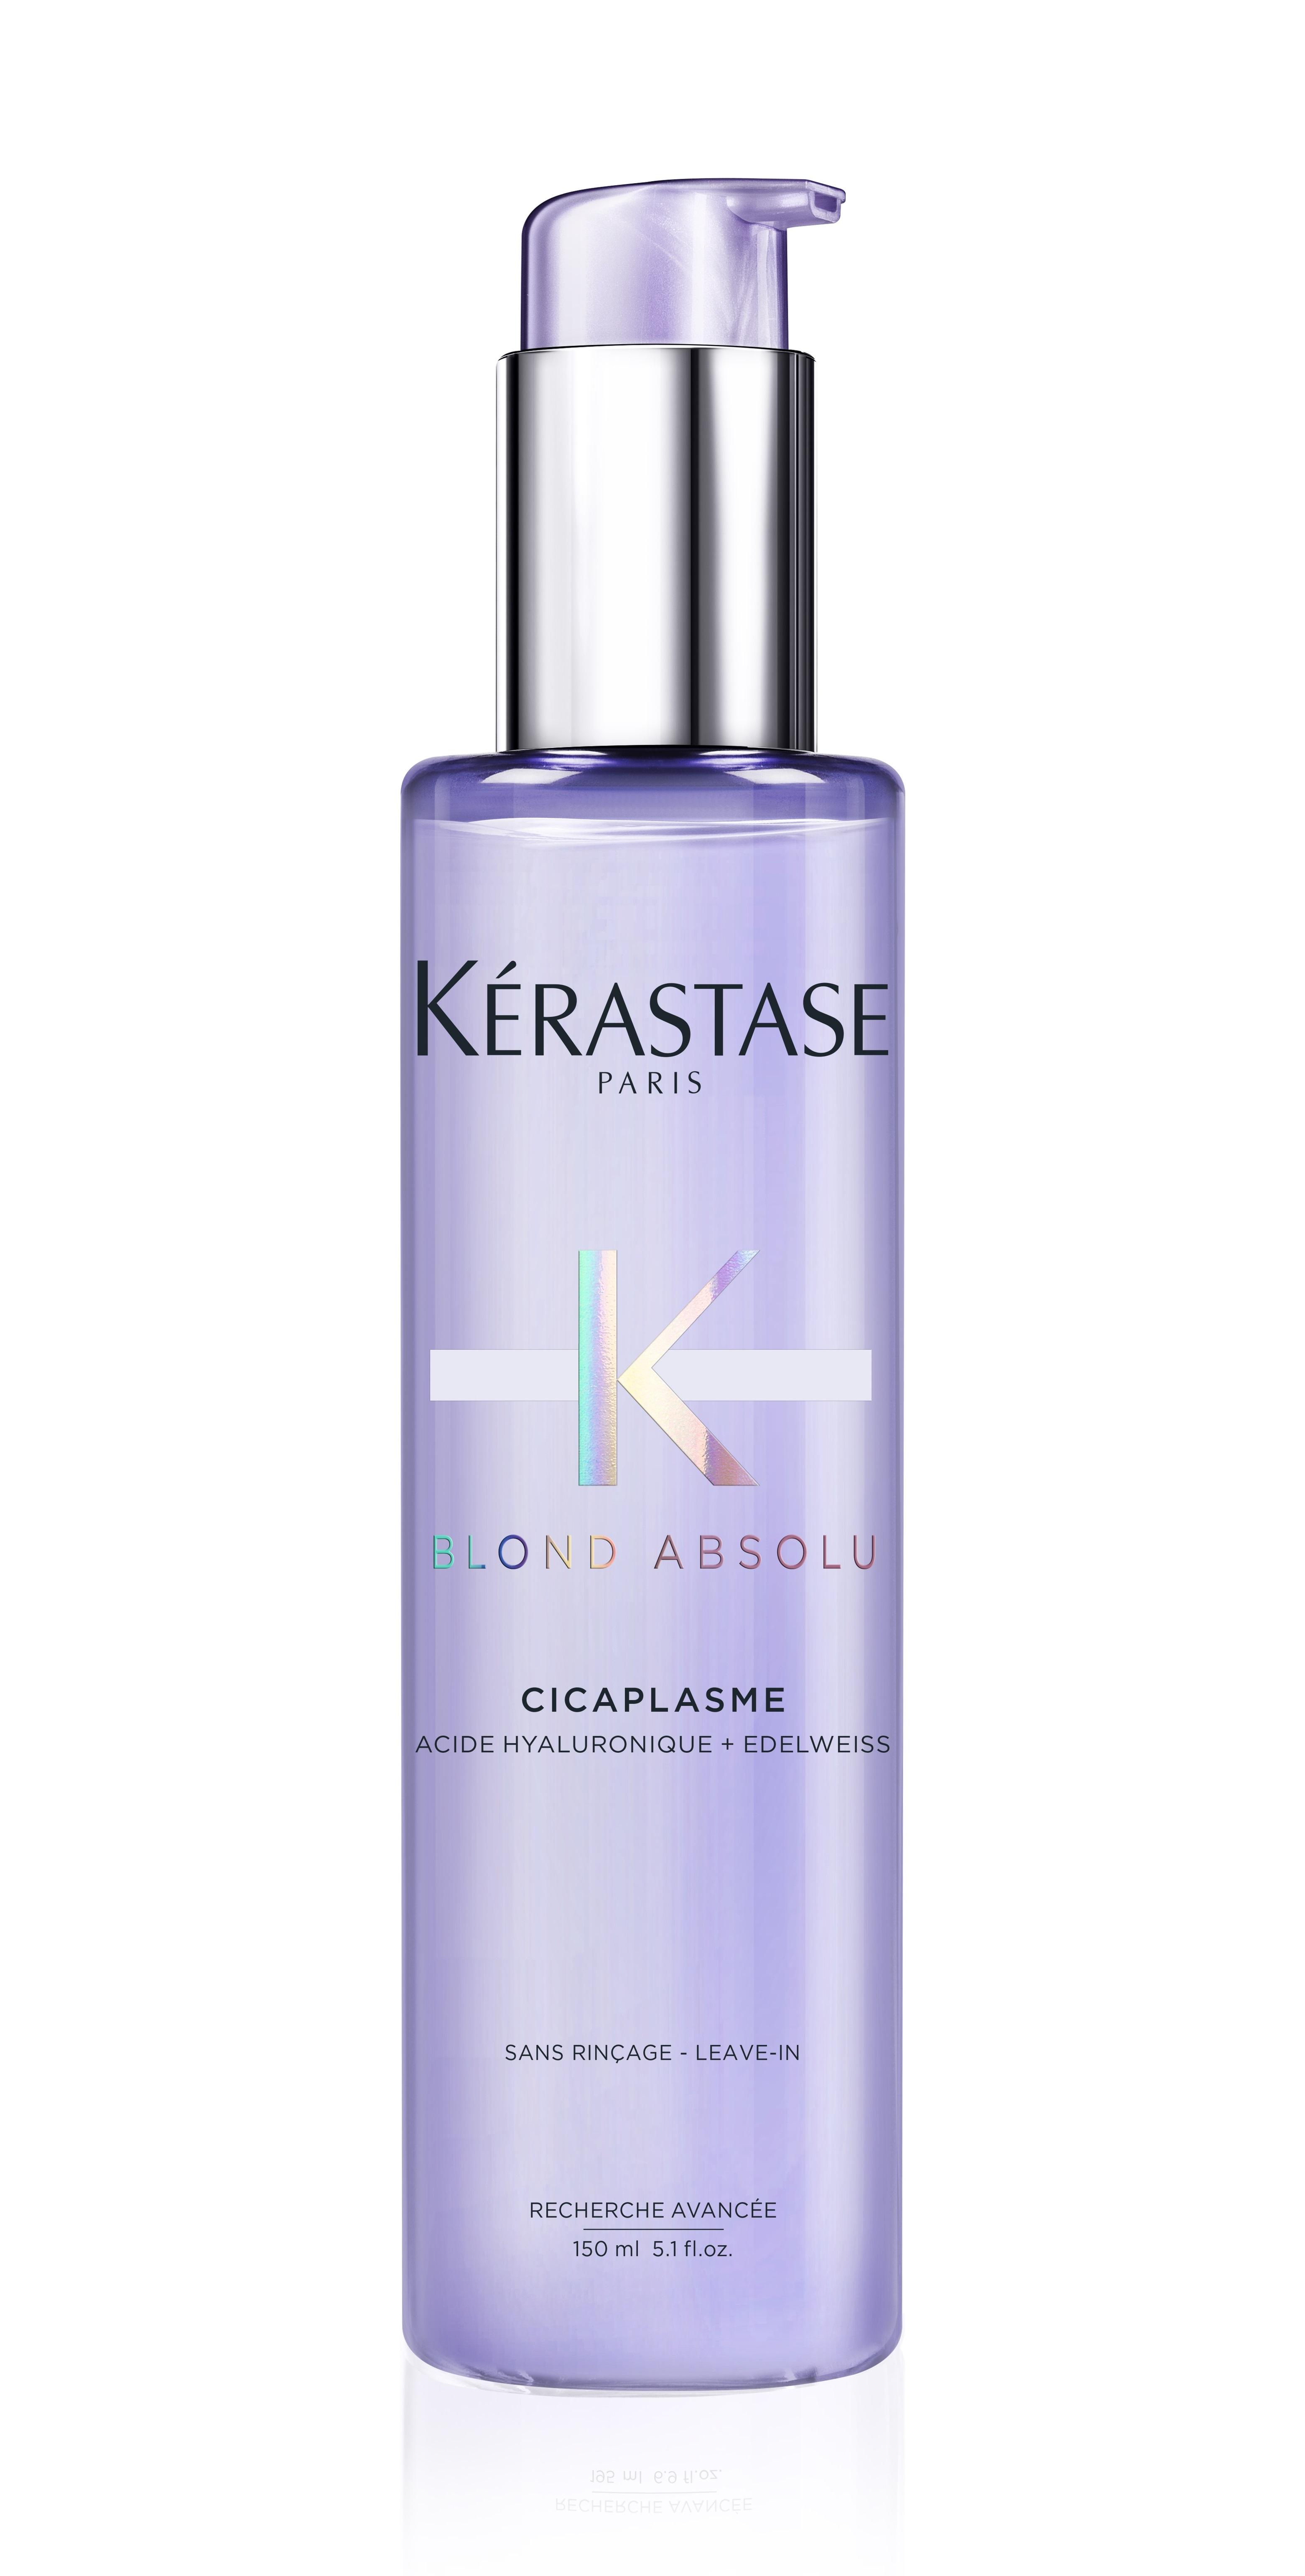 Купить KERASTASE Сыворотка несмываемая для укрепления светлых окрашенных волос с термозащитой Цикаплазм / БЛОНД АБСОЛЮ 150 мл